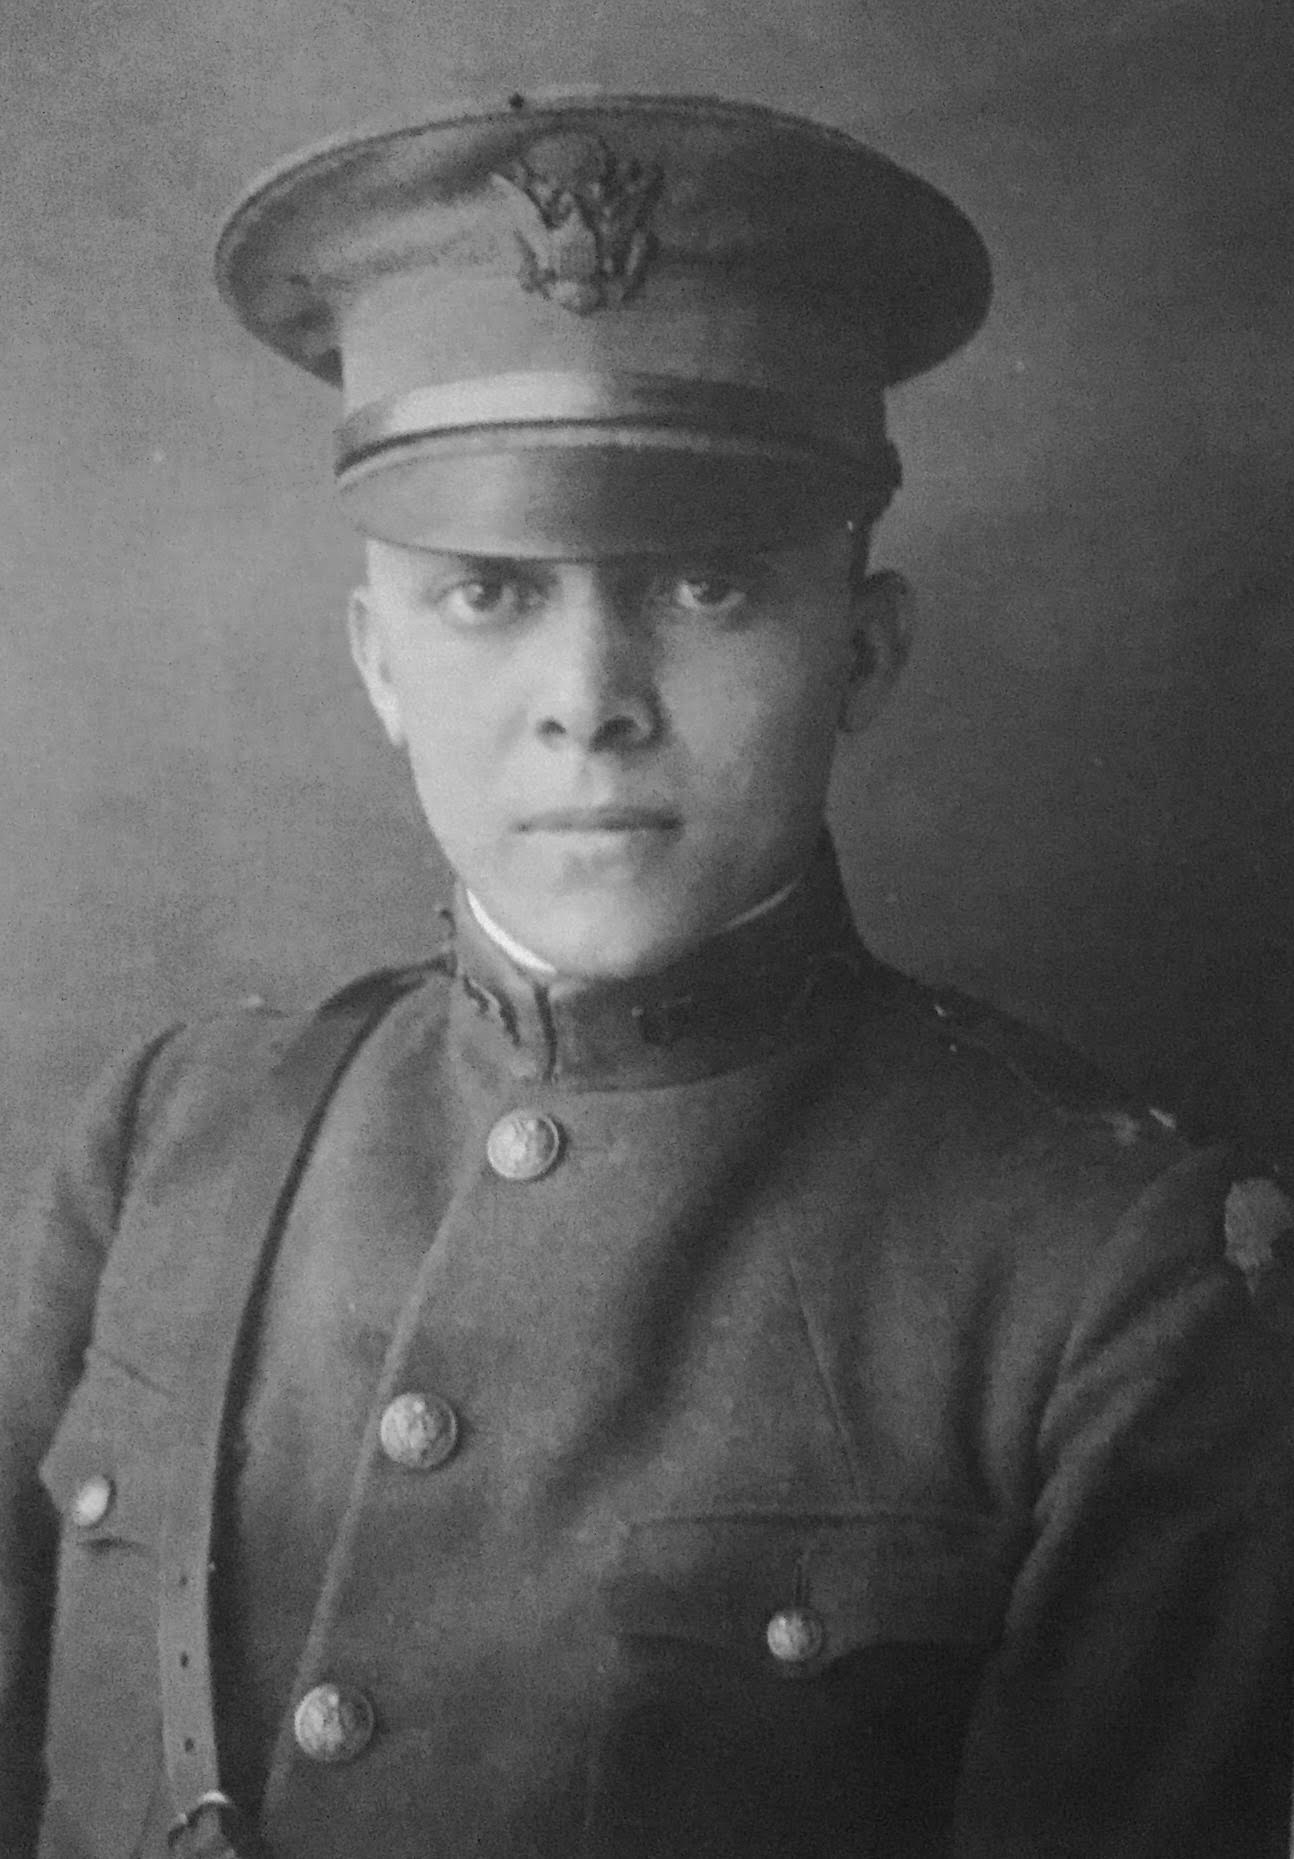 William C. Conway